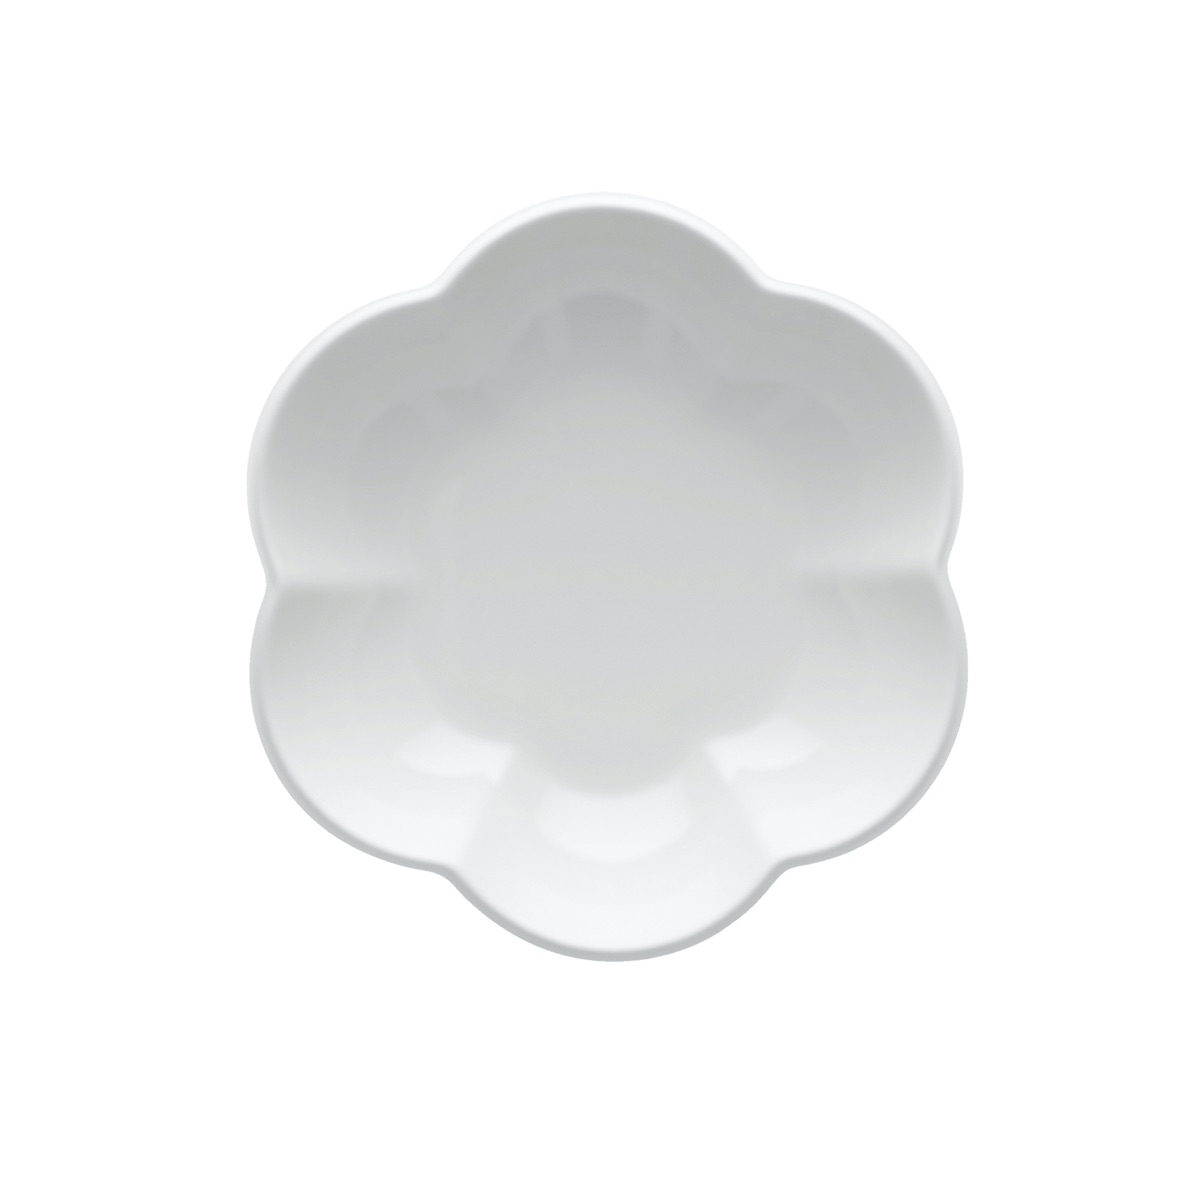 Villadeifiori - Servizio 6 pezzi piatto fondo